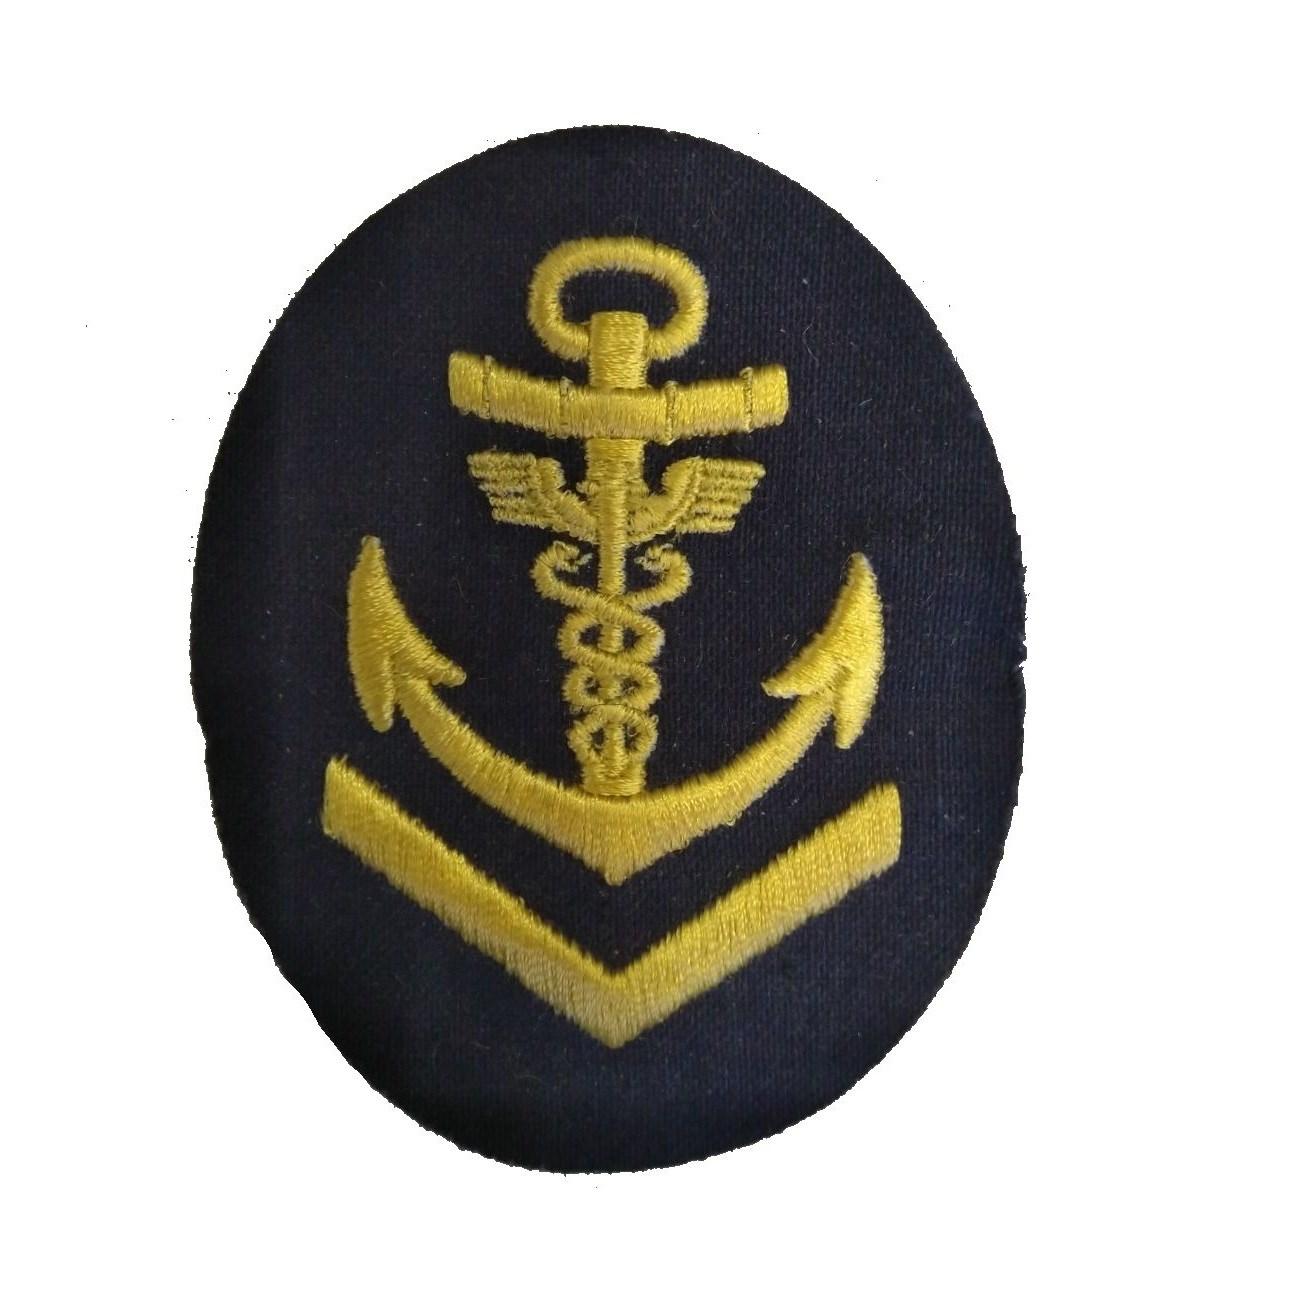 Nášivka námořních jednotek NVA ovál s kotvou, dva hadi + V